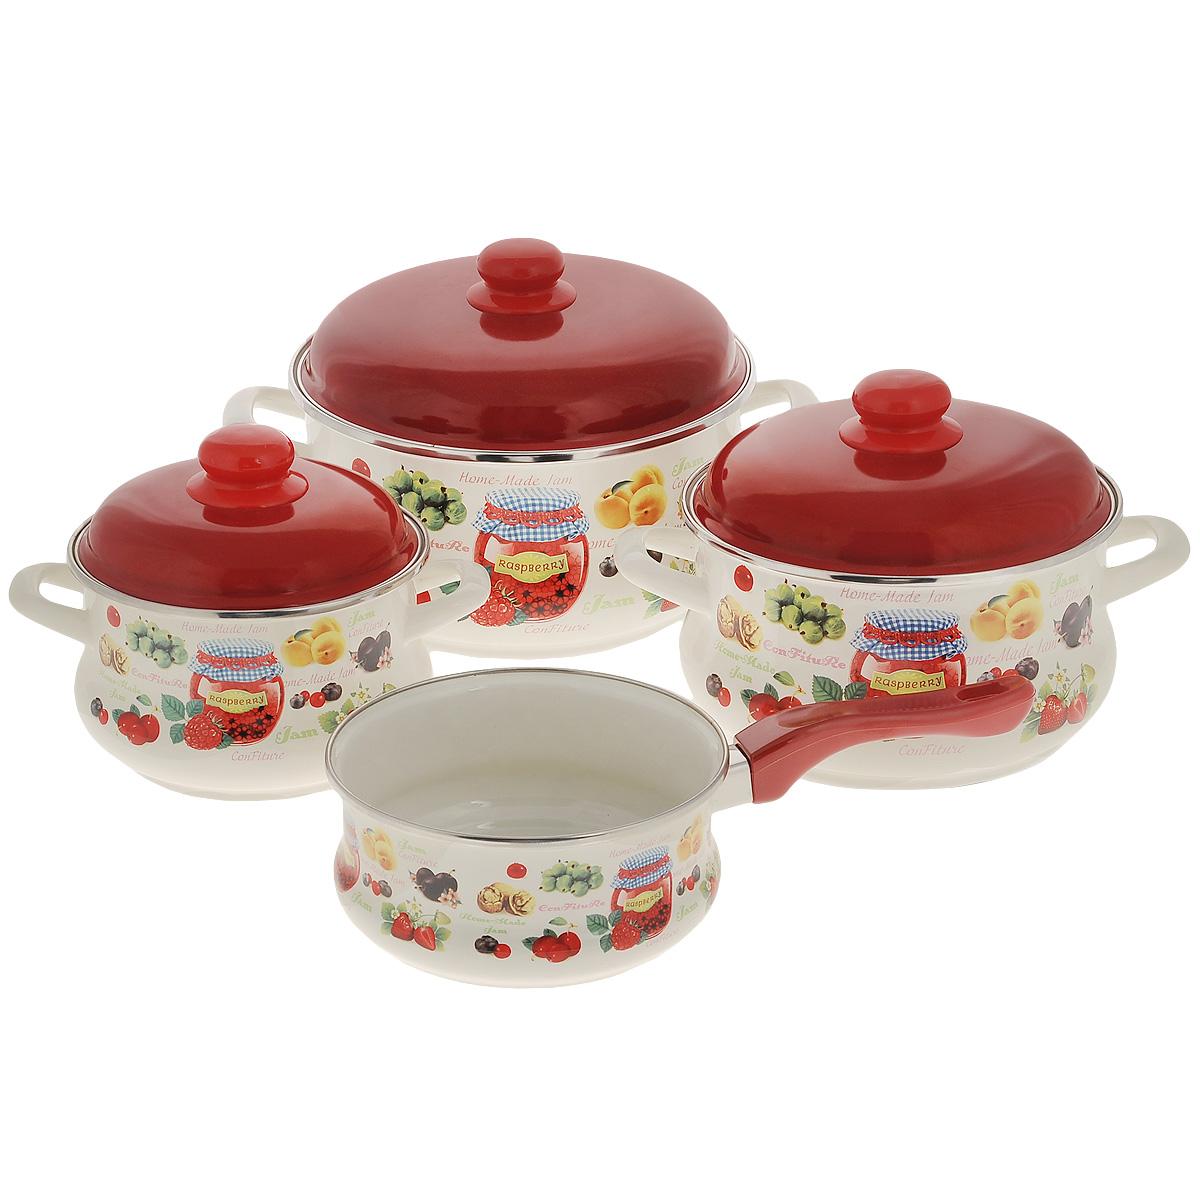 """Набор эмалированной посуды Metrot """"Варенье"""", цвет: белый, красный, 6 предметов + ПОДАРОК: Ковш эмалированный Metrot """"Варенье"""", цвет: белый, красный, 1,5 л"""